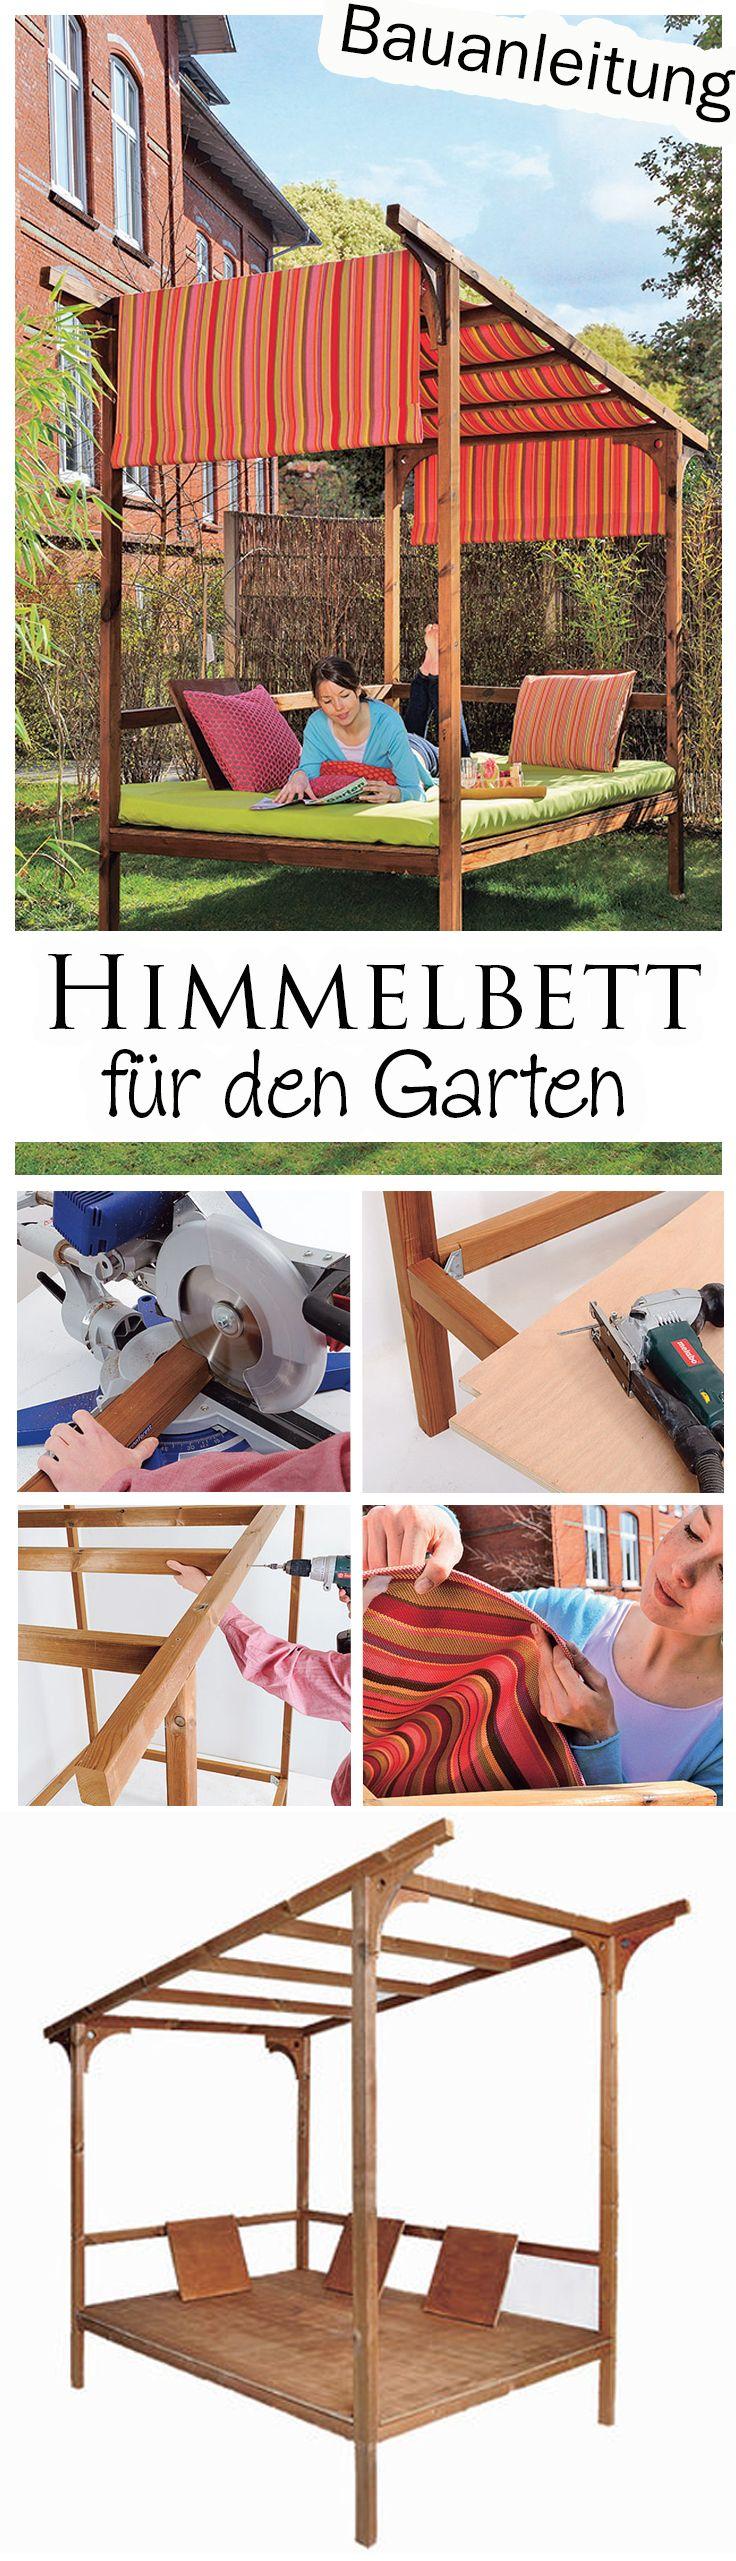 Himmelbett Für Den Garten | Pinterest | Gartenliege, Himmelbett Und Markise